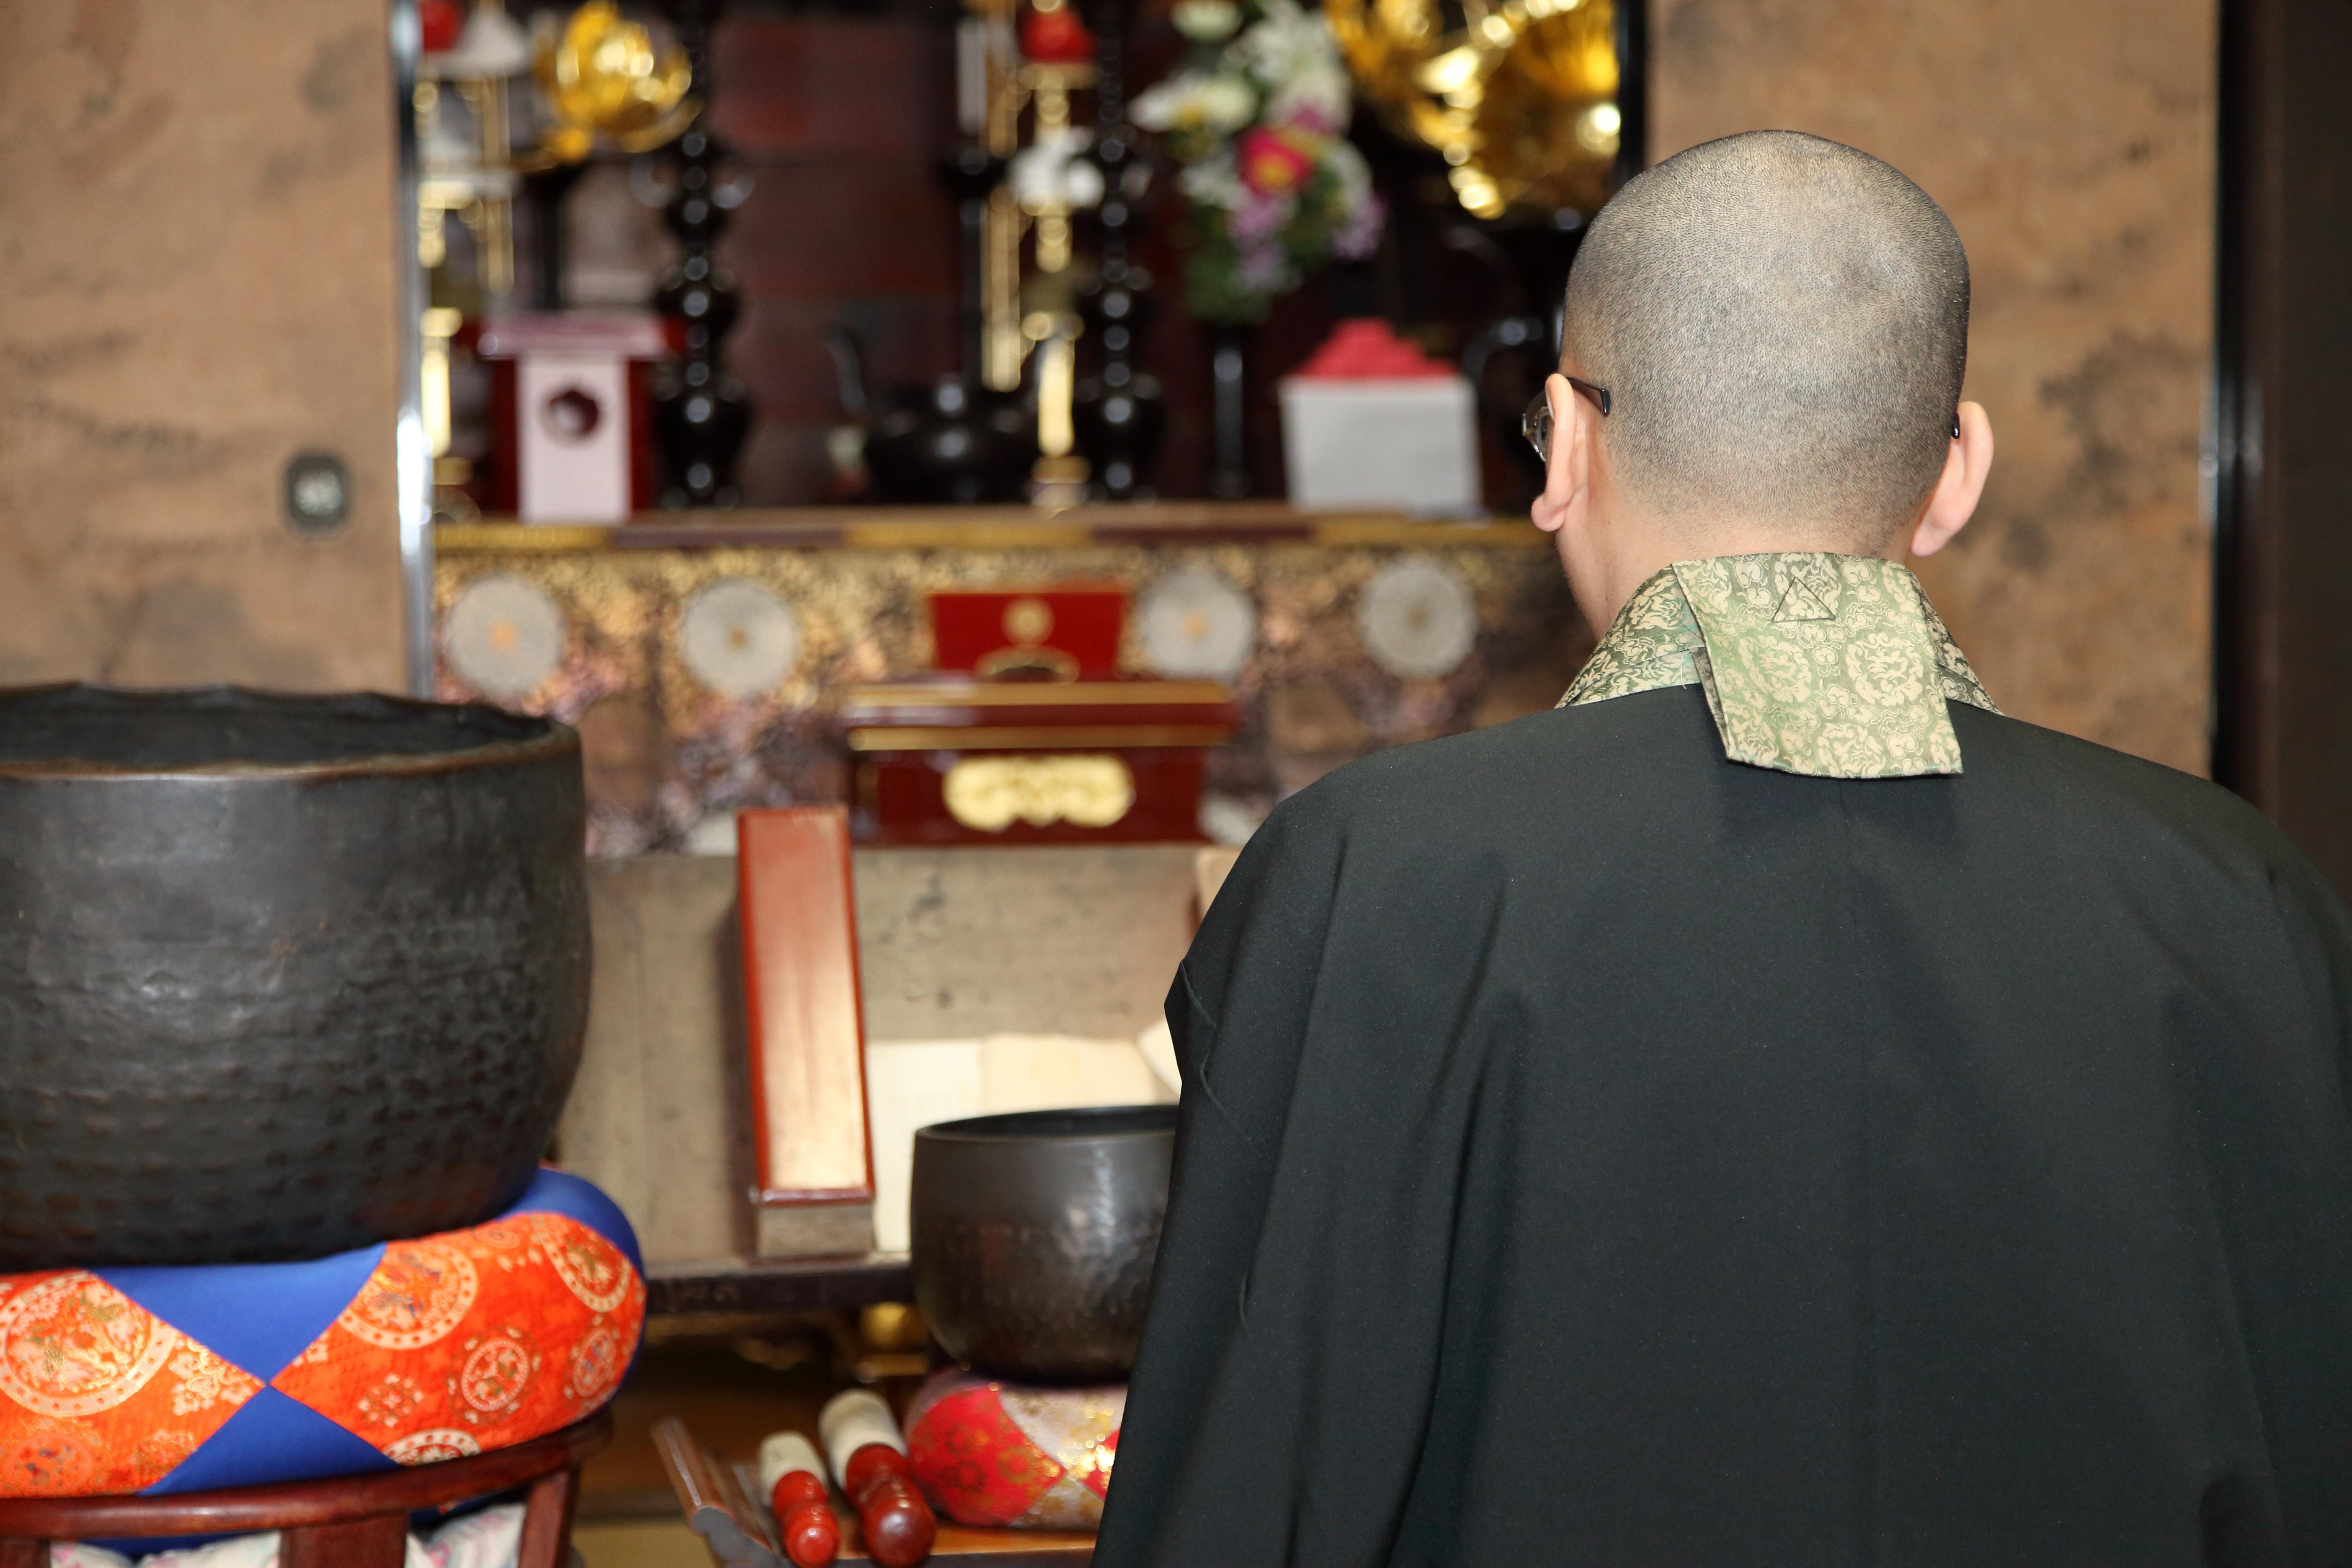 仏壇の扉は閉じる?開ける?仏壇の扉に関する疑問にお答えします!のサムネイル画像